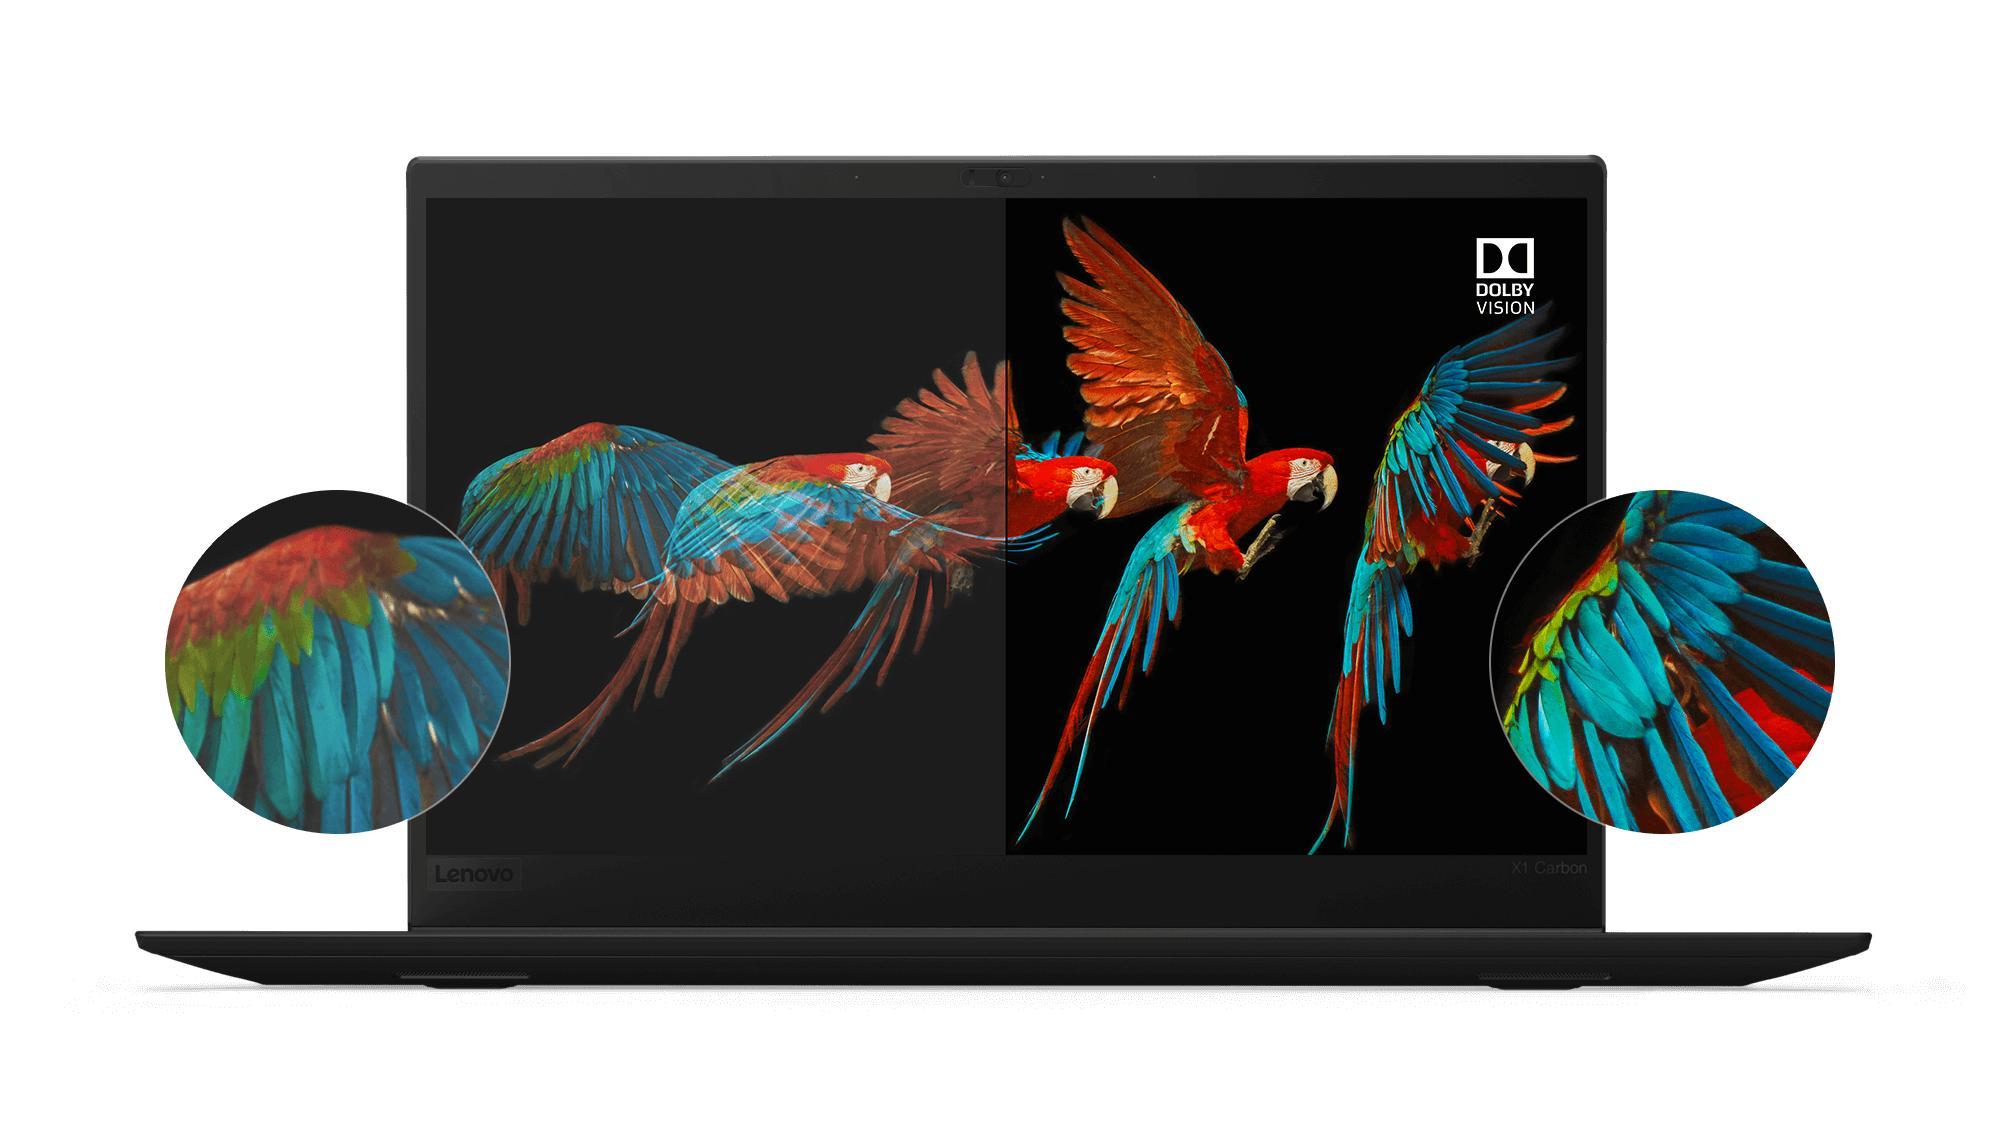 Lenovo Thinkpad X1 Carbon 8th Gen I7 8550U, 16GB, 512GB SSD, 14 FULL HD ,  WIn 10 pro